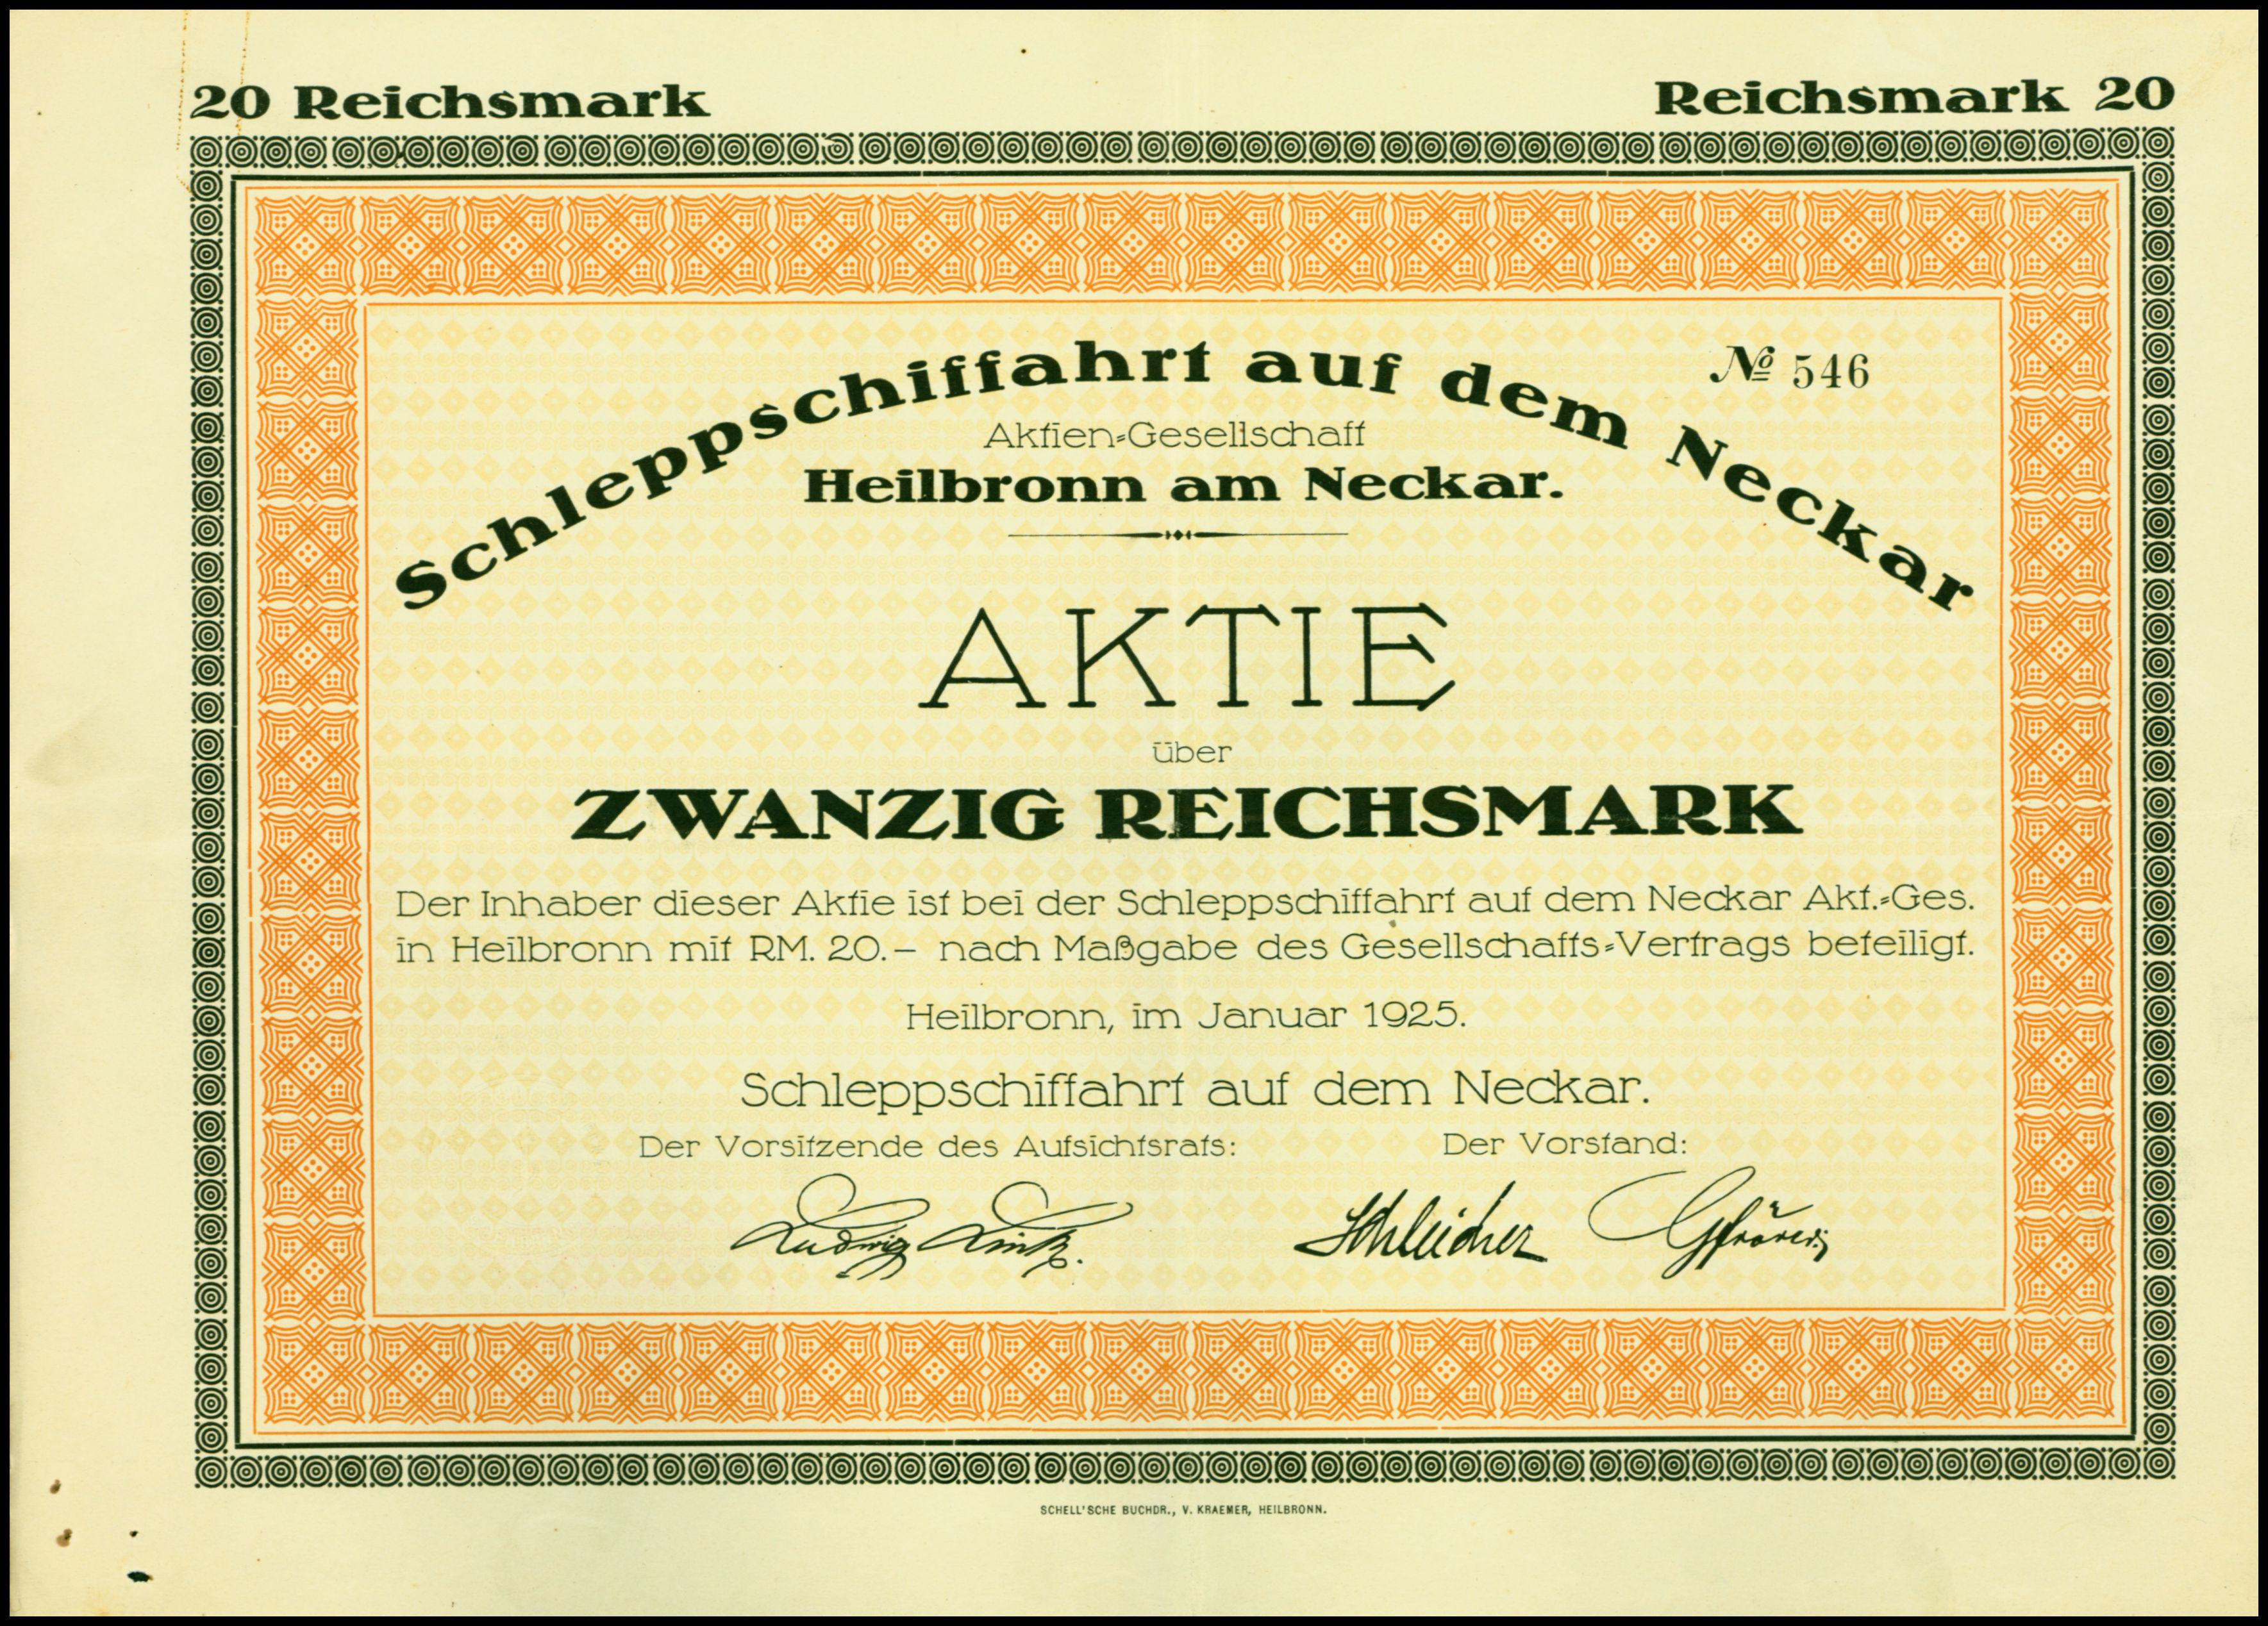 Dateischleppschiffahrt Auf Dem Neckar Ag 1925g Wikipedia